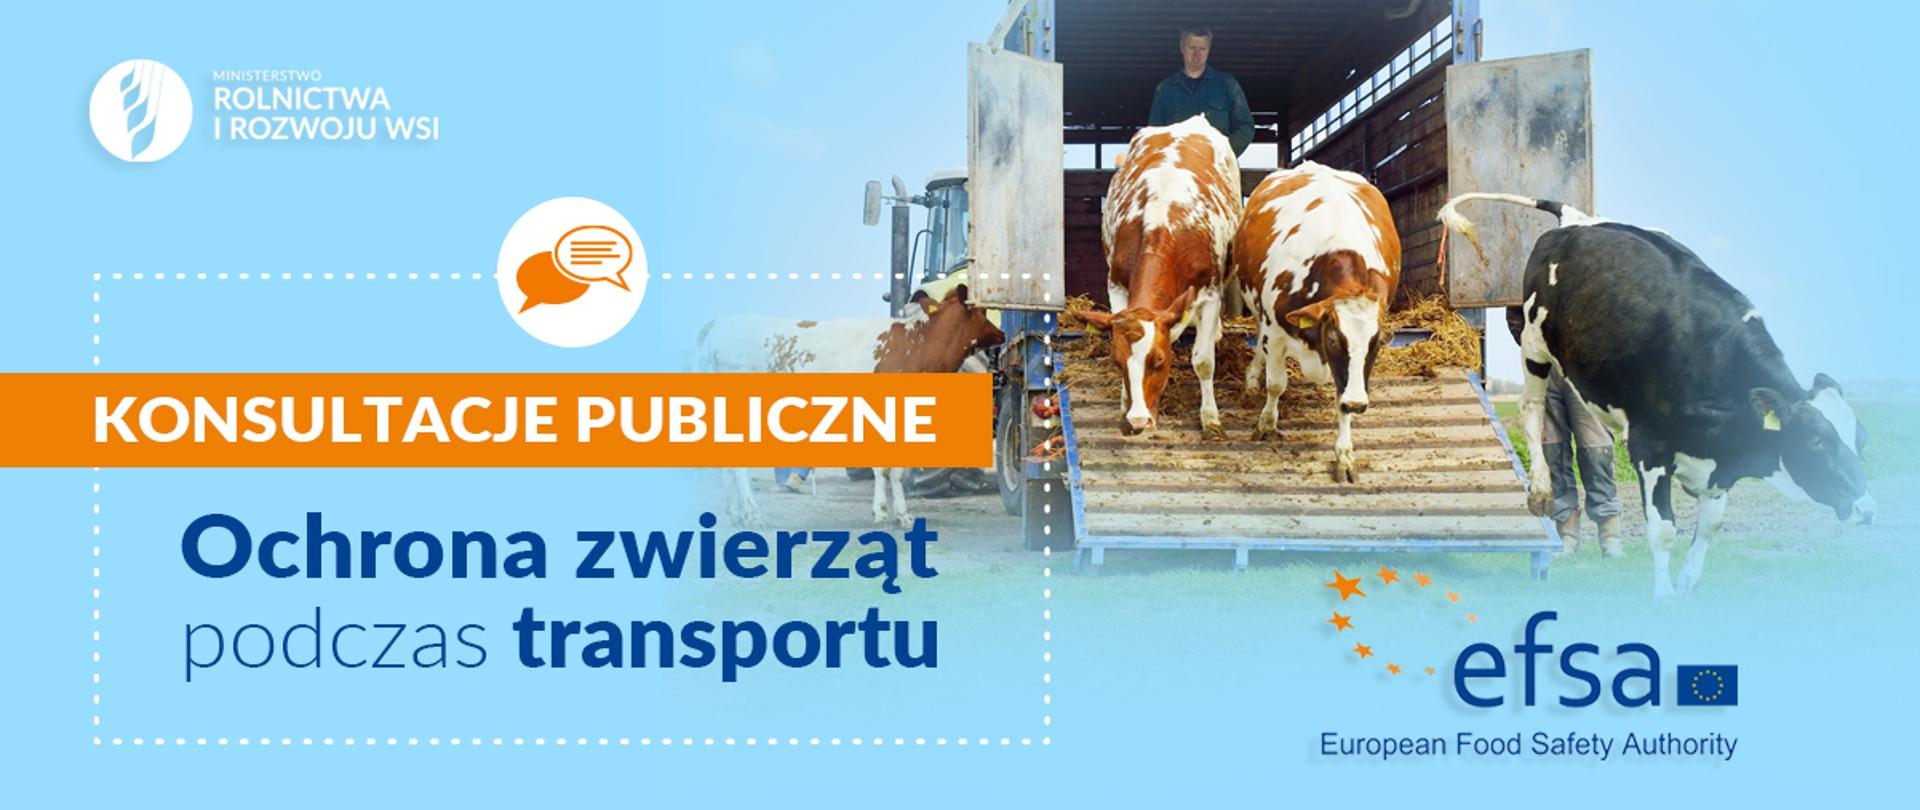 Ochrona zwierząt podczas transportu